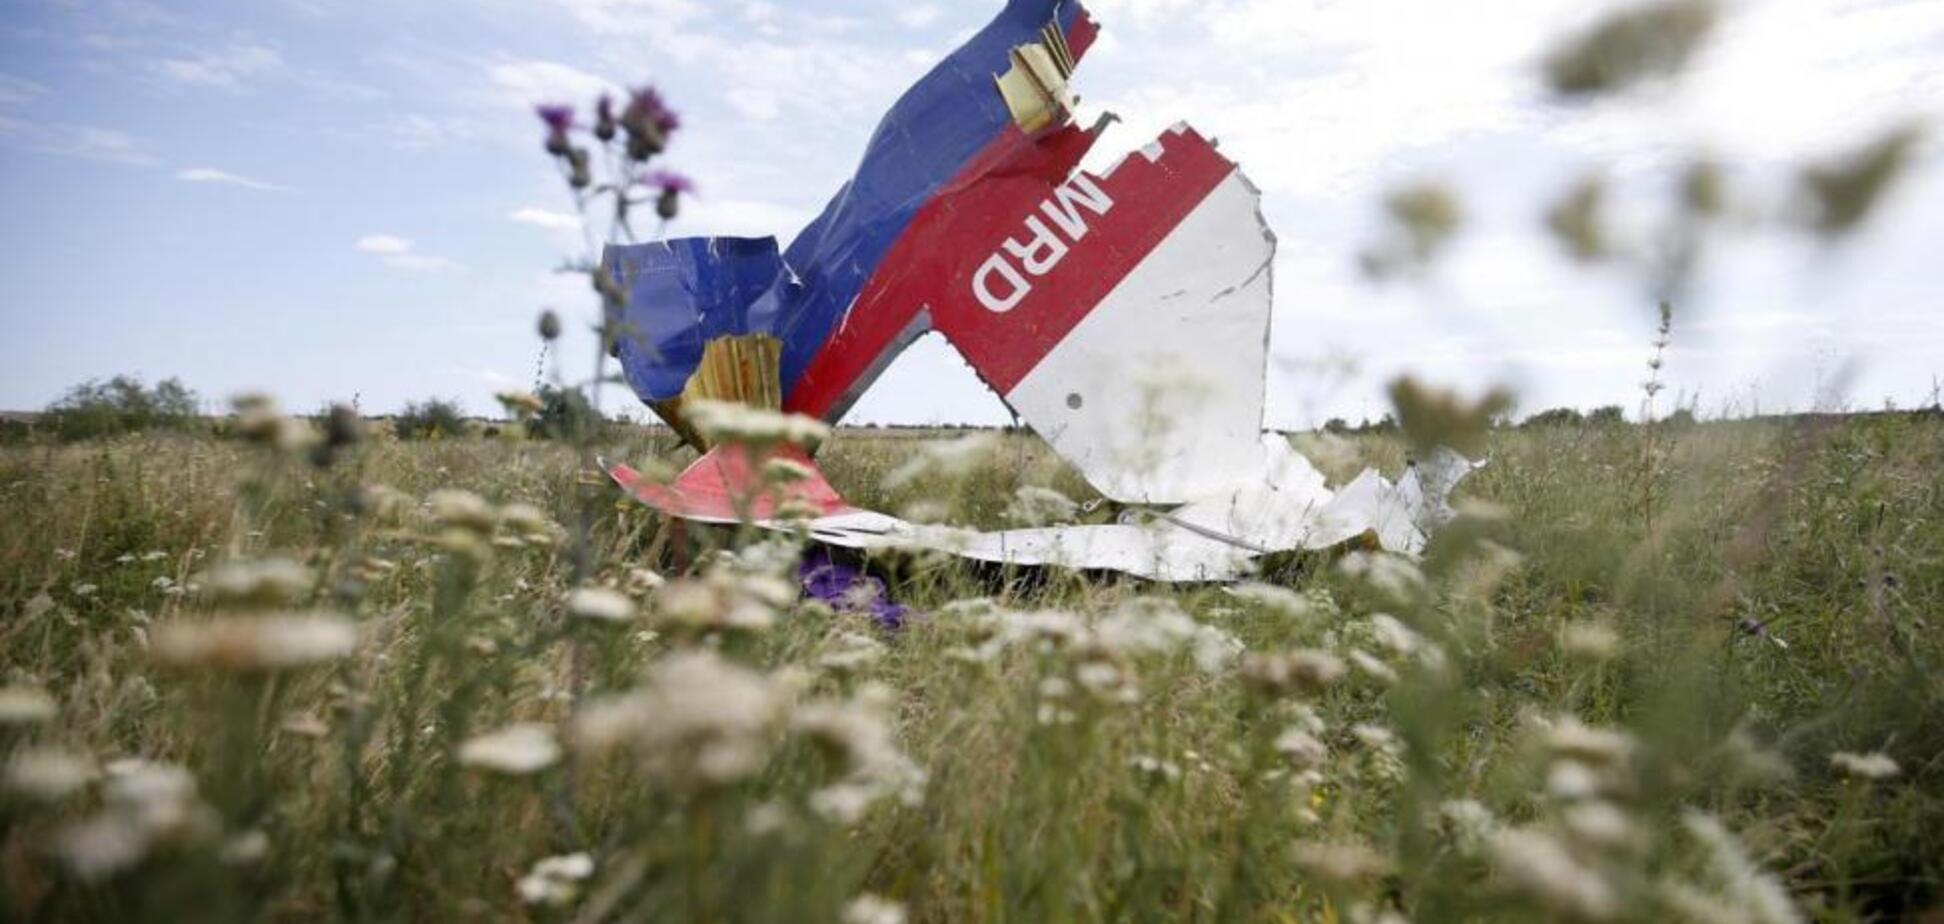 Обнародованы прямые доказательства вины России в катастрофе МН17